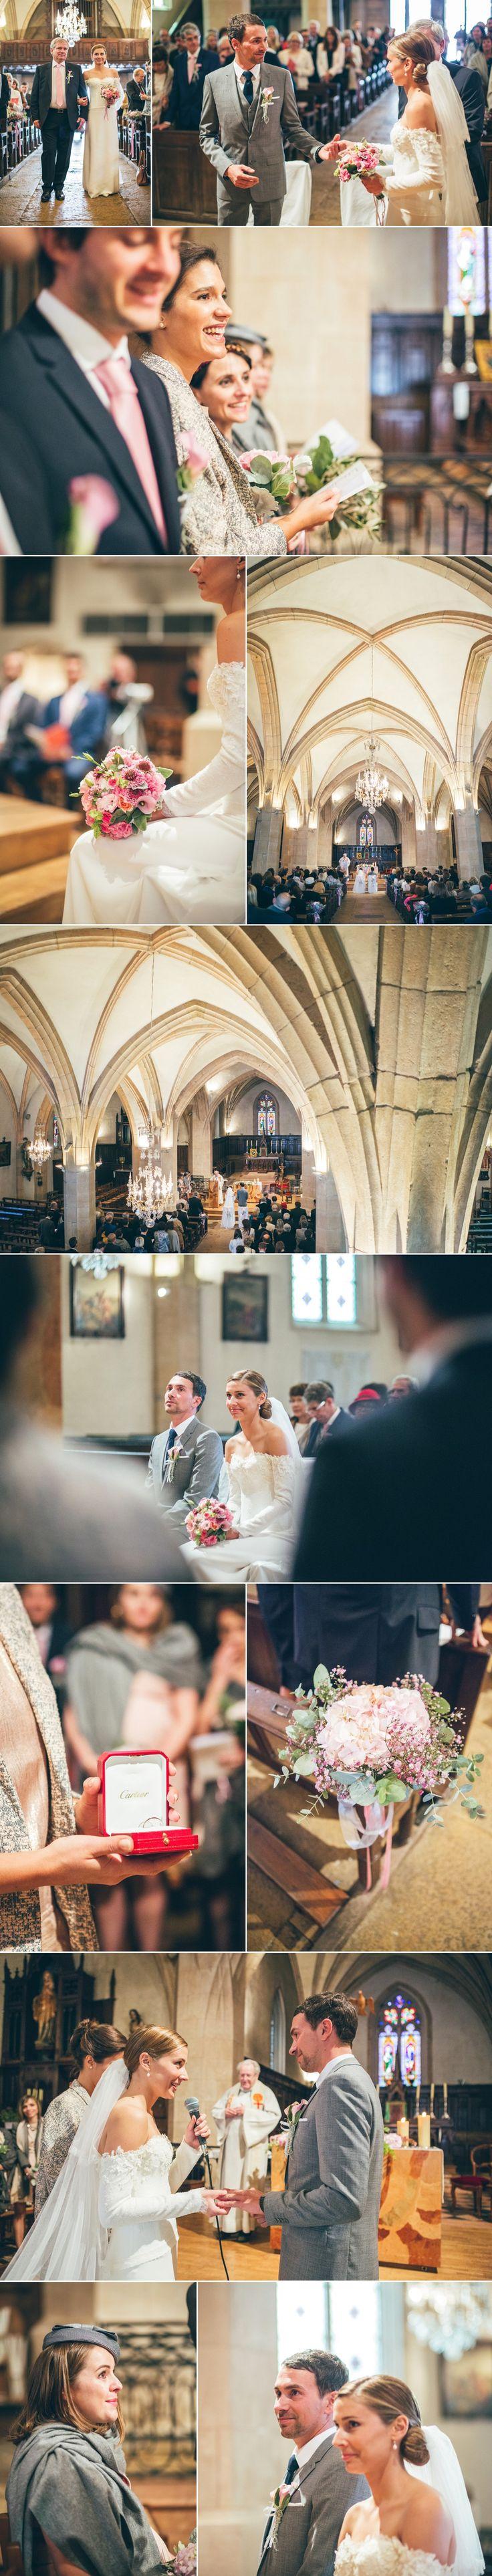 Mariage dans les vignes  ©www.lasdecoeur.com - Photo + Cinéma  #love #wedding #weddingphotographer #photodecouple #photgraphemariage #lasdecoeurphoto #lovephotography  #weddingphotography #religiousceremony #céremoniereligieuse